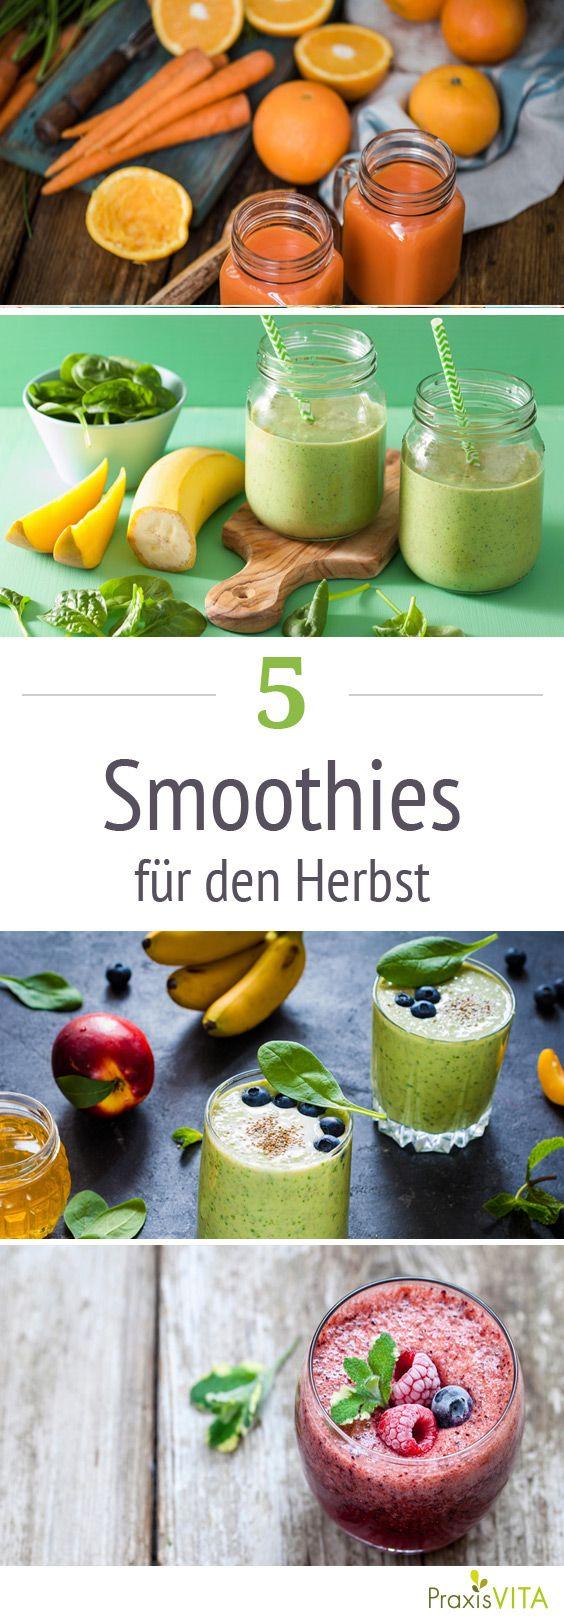 die besten smoothies f252r den herbst gesund abnehmen